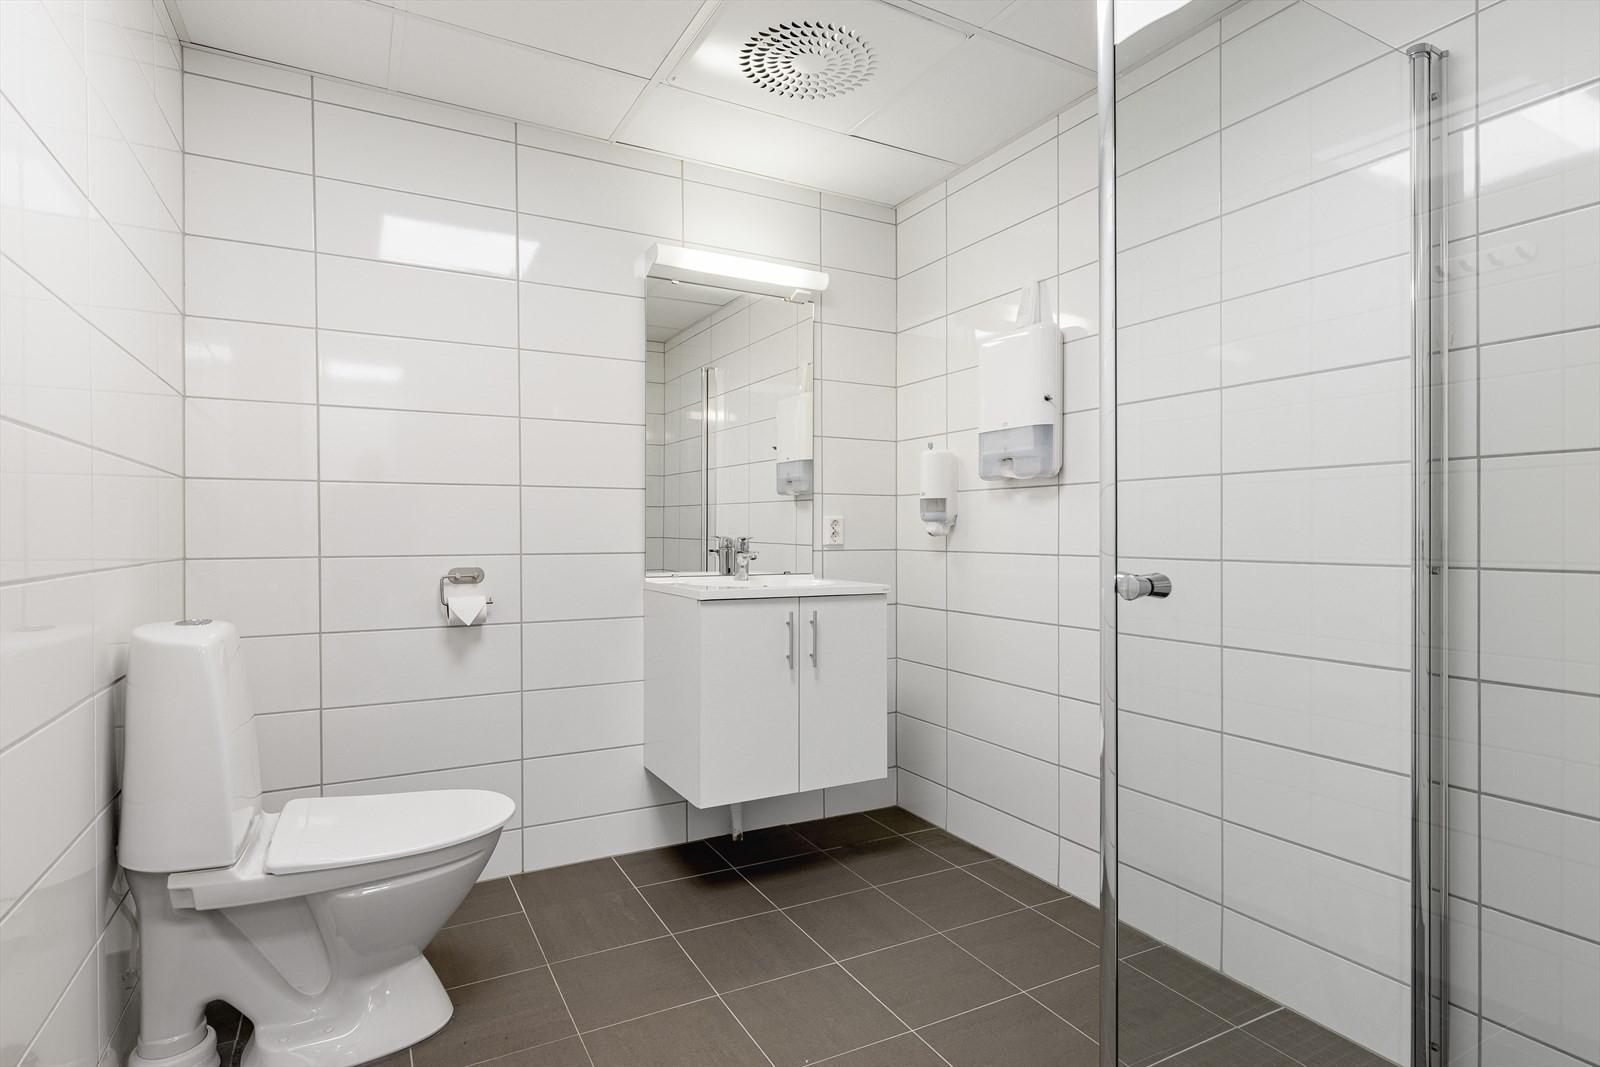 Eksempler på kvaliteter i tilsvarende lokaler.